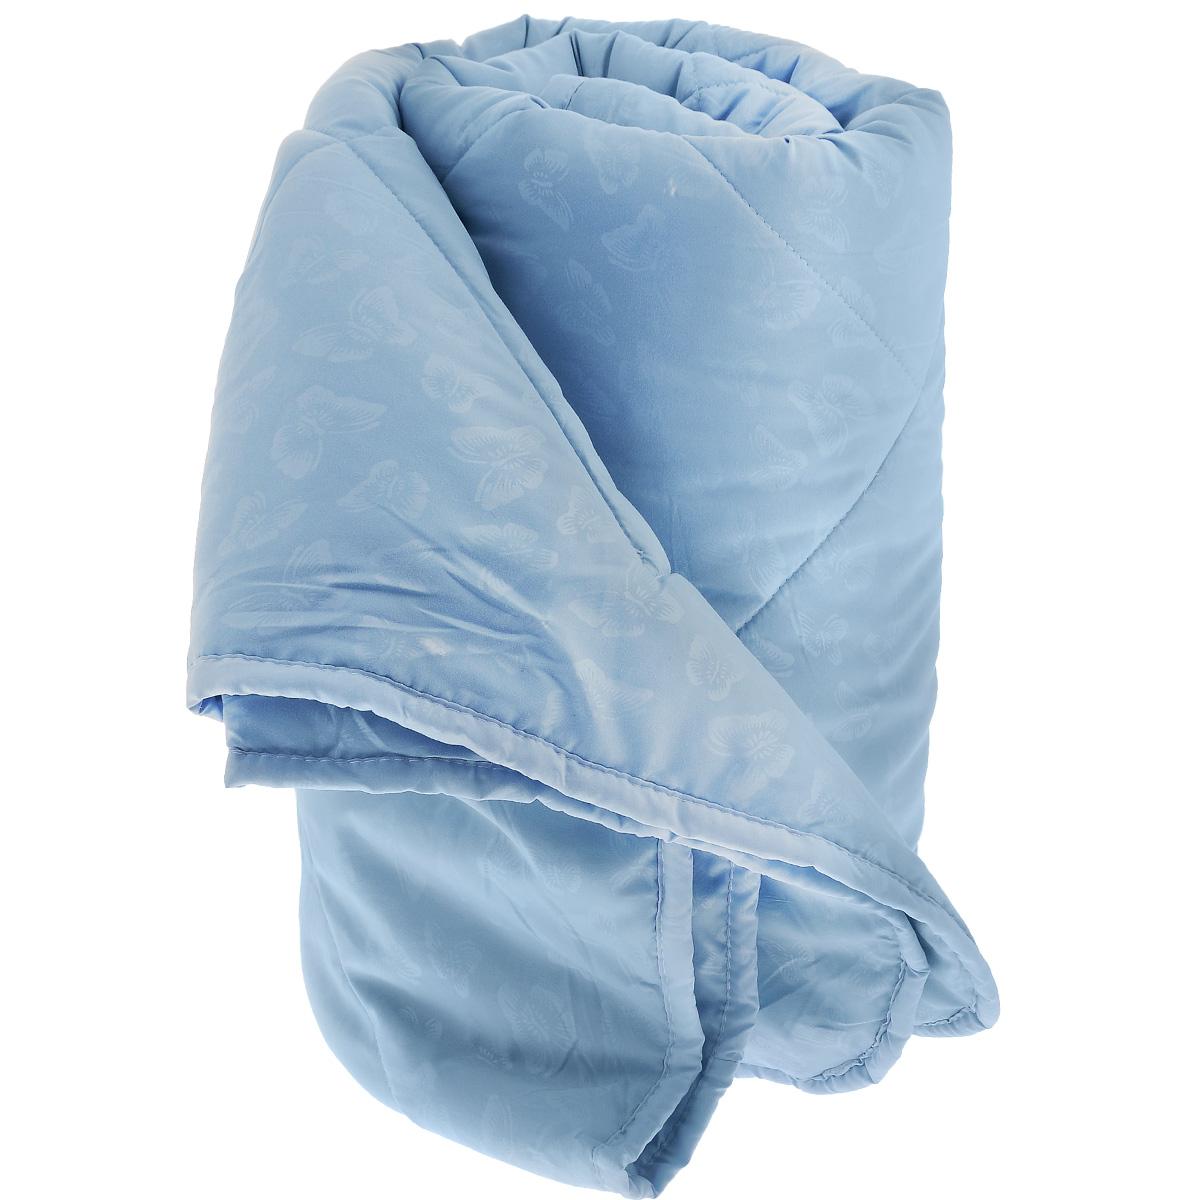 Одеяло La Prima В нежности микрофибры, наполнитель: полиэфирное волокно, цвет: голубой, 170 см х 205 см857/0222945/100/949Одеяло La Prima В нежности микрофибры очень легкое, воздушное и одновременно теплое. Идеально подойдет тем, кто ценит мягкость и тепло. Такое изделие подарит комфортный сон. Благодаря особой структуре микроволокна, изделие приобретают дополнительную мягкость и надолго сохраняют свой первоначальный вид. Чехол одеяла выполнен из шелковистой микрофибры, оформленной изящным фактурным теснением в виде бабочек. Наполнитель - полиэфирное волокно - холлотек. Изделие обладает высокой воздухопроницаемостью, прекрасно сохраняет тепло. Оно гипоаллергенно, очень практично и неприхотливо в уходе. Ручная стирка при температуре 30°С. Материал чехла: 100% полиэстер - микрофибра.Наполнитель: полиэфирное волокно - холлотек. Размер: 170 см х 205 см.